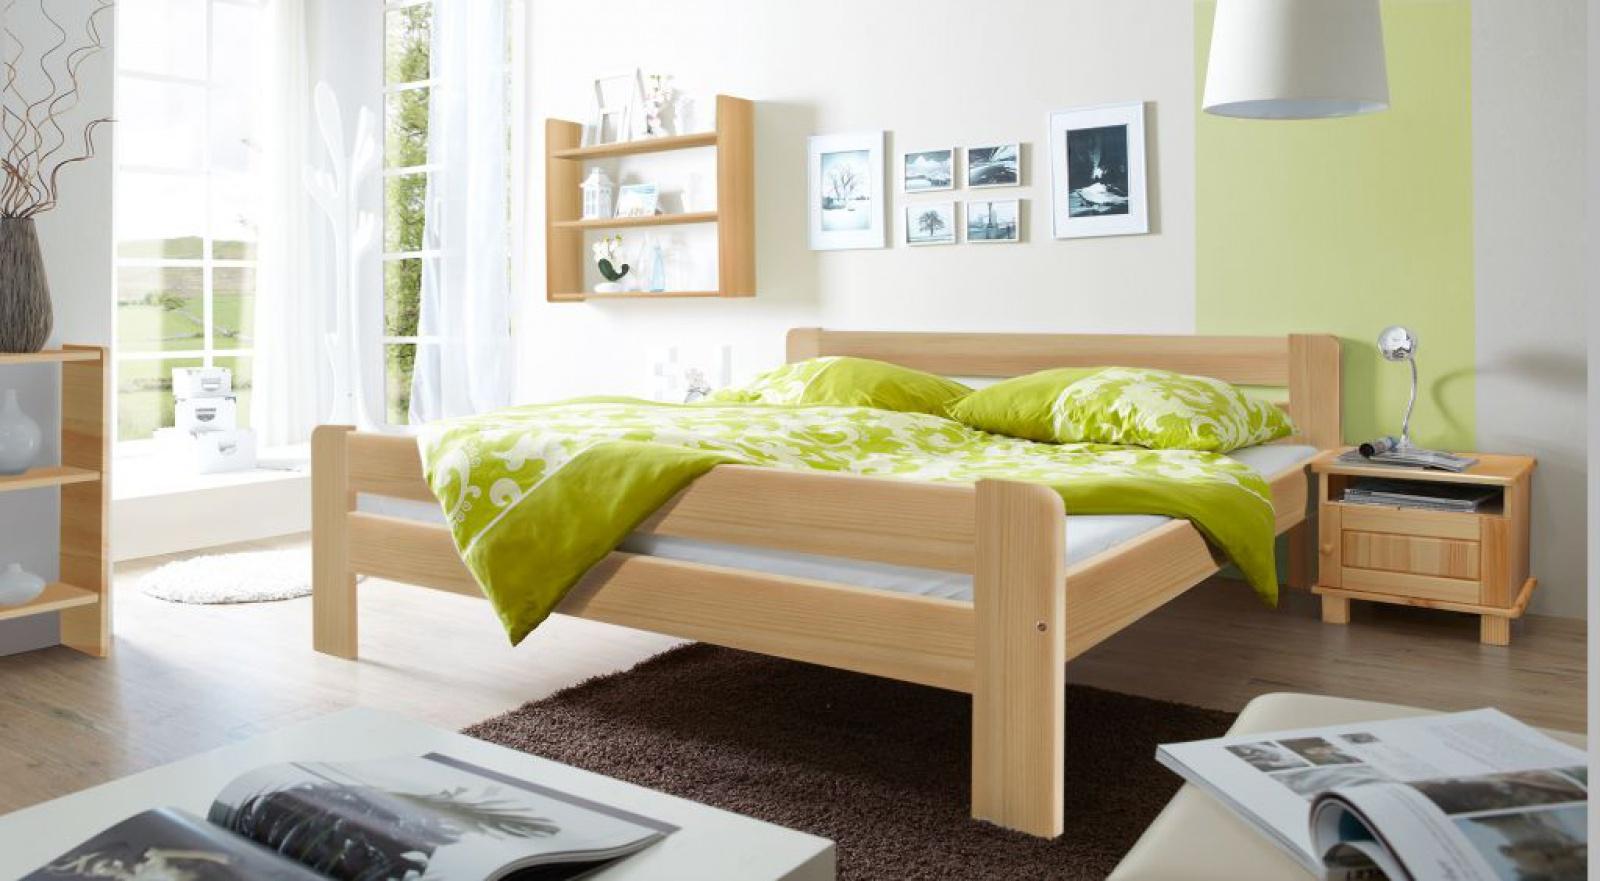 Schlafzimmer Bett Massivholz Allegra 140x200 Cm Kaufen Bei Mobel Lux